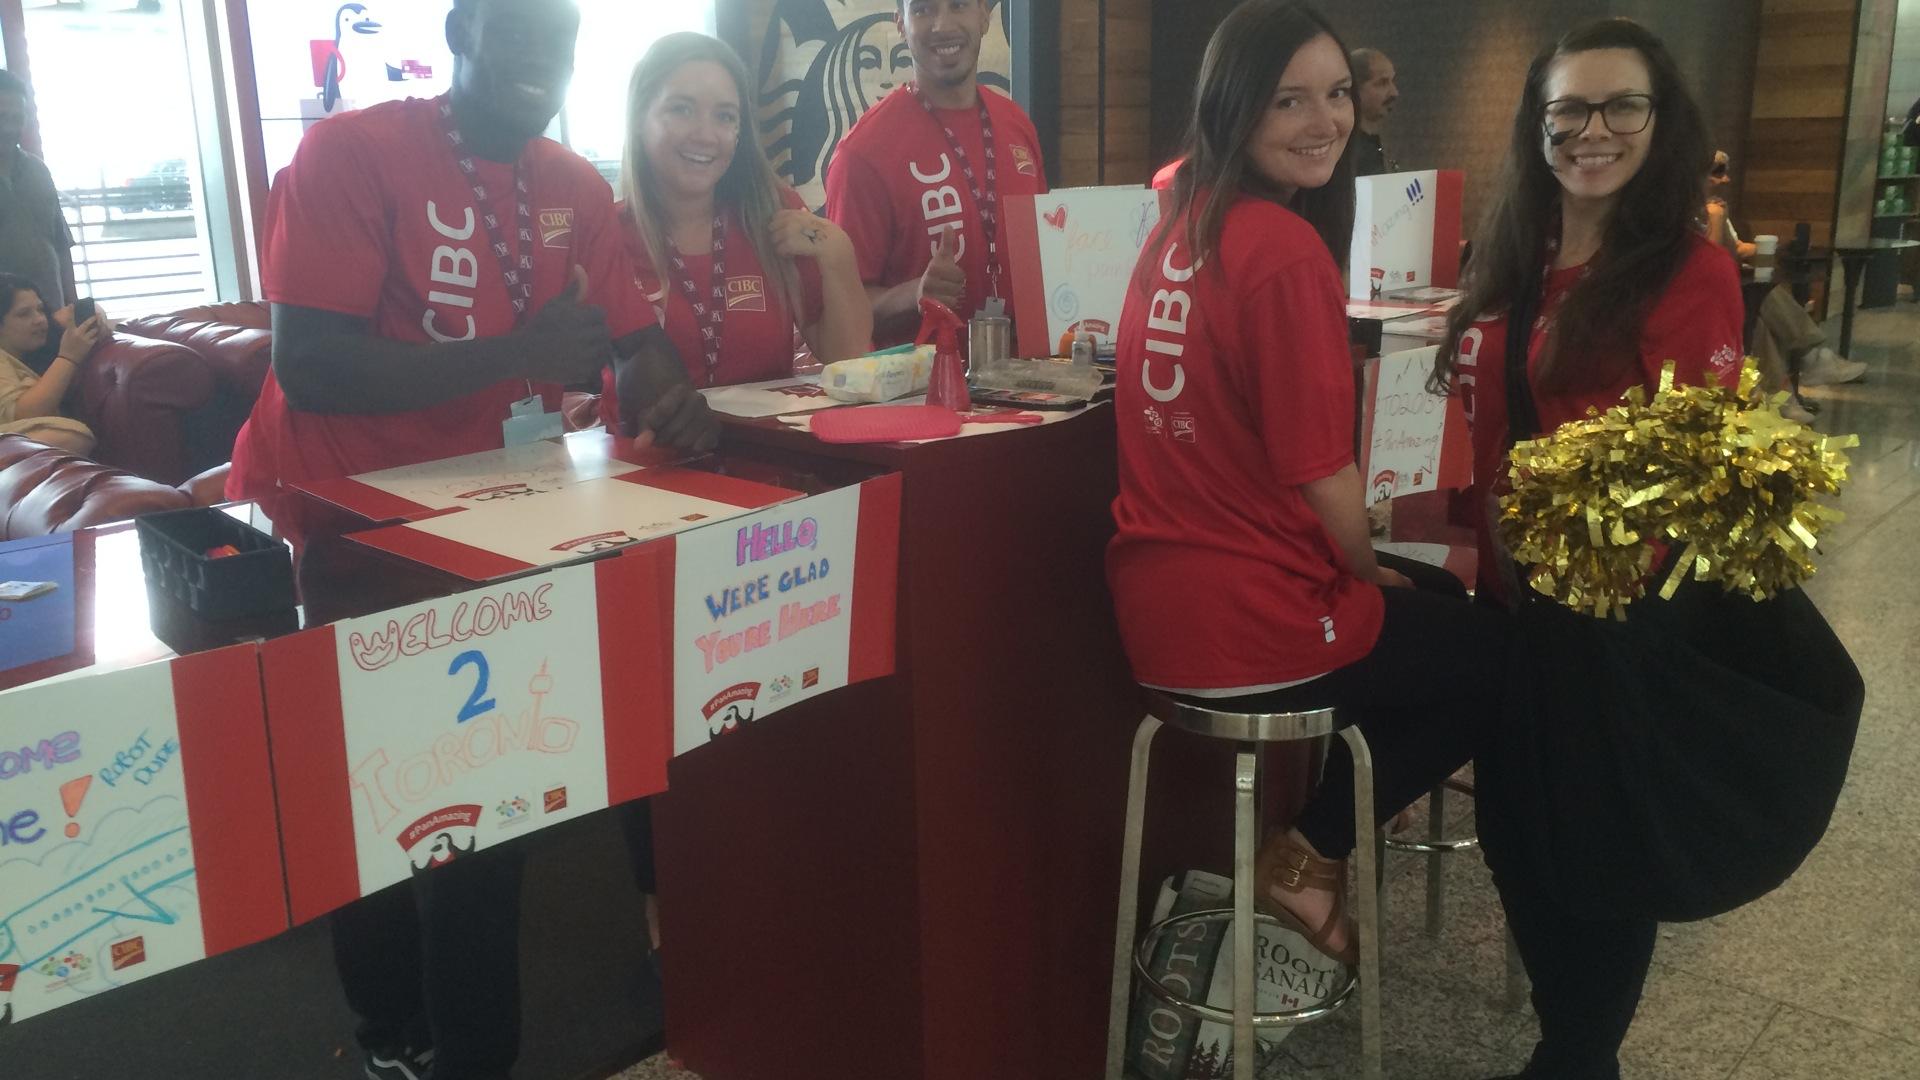 Der freundliche Welcome Desk für Besucher Toronto & Panam Games